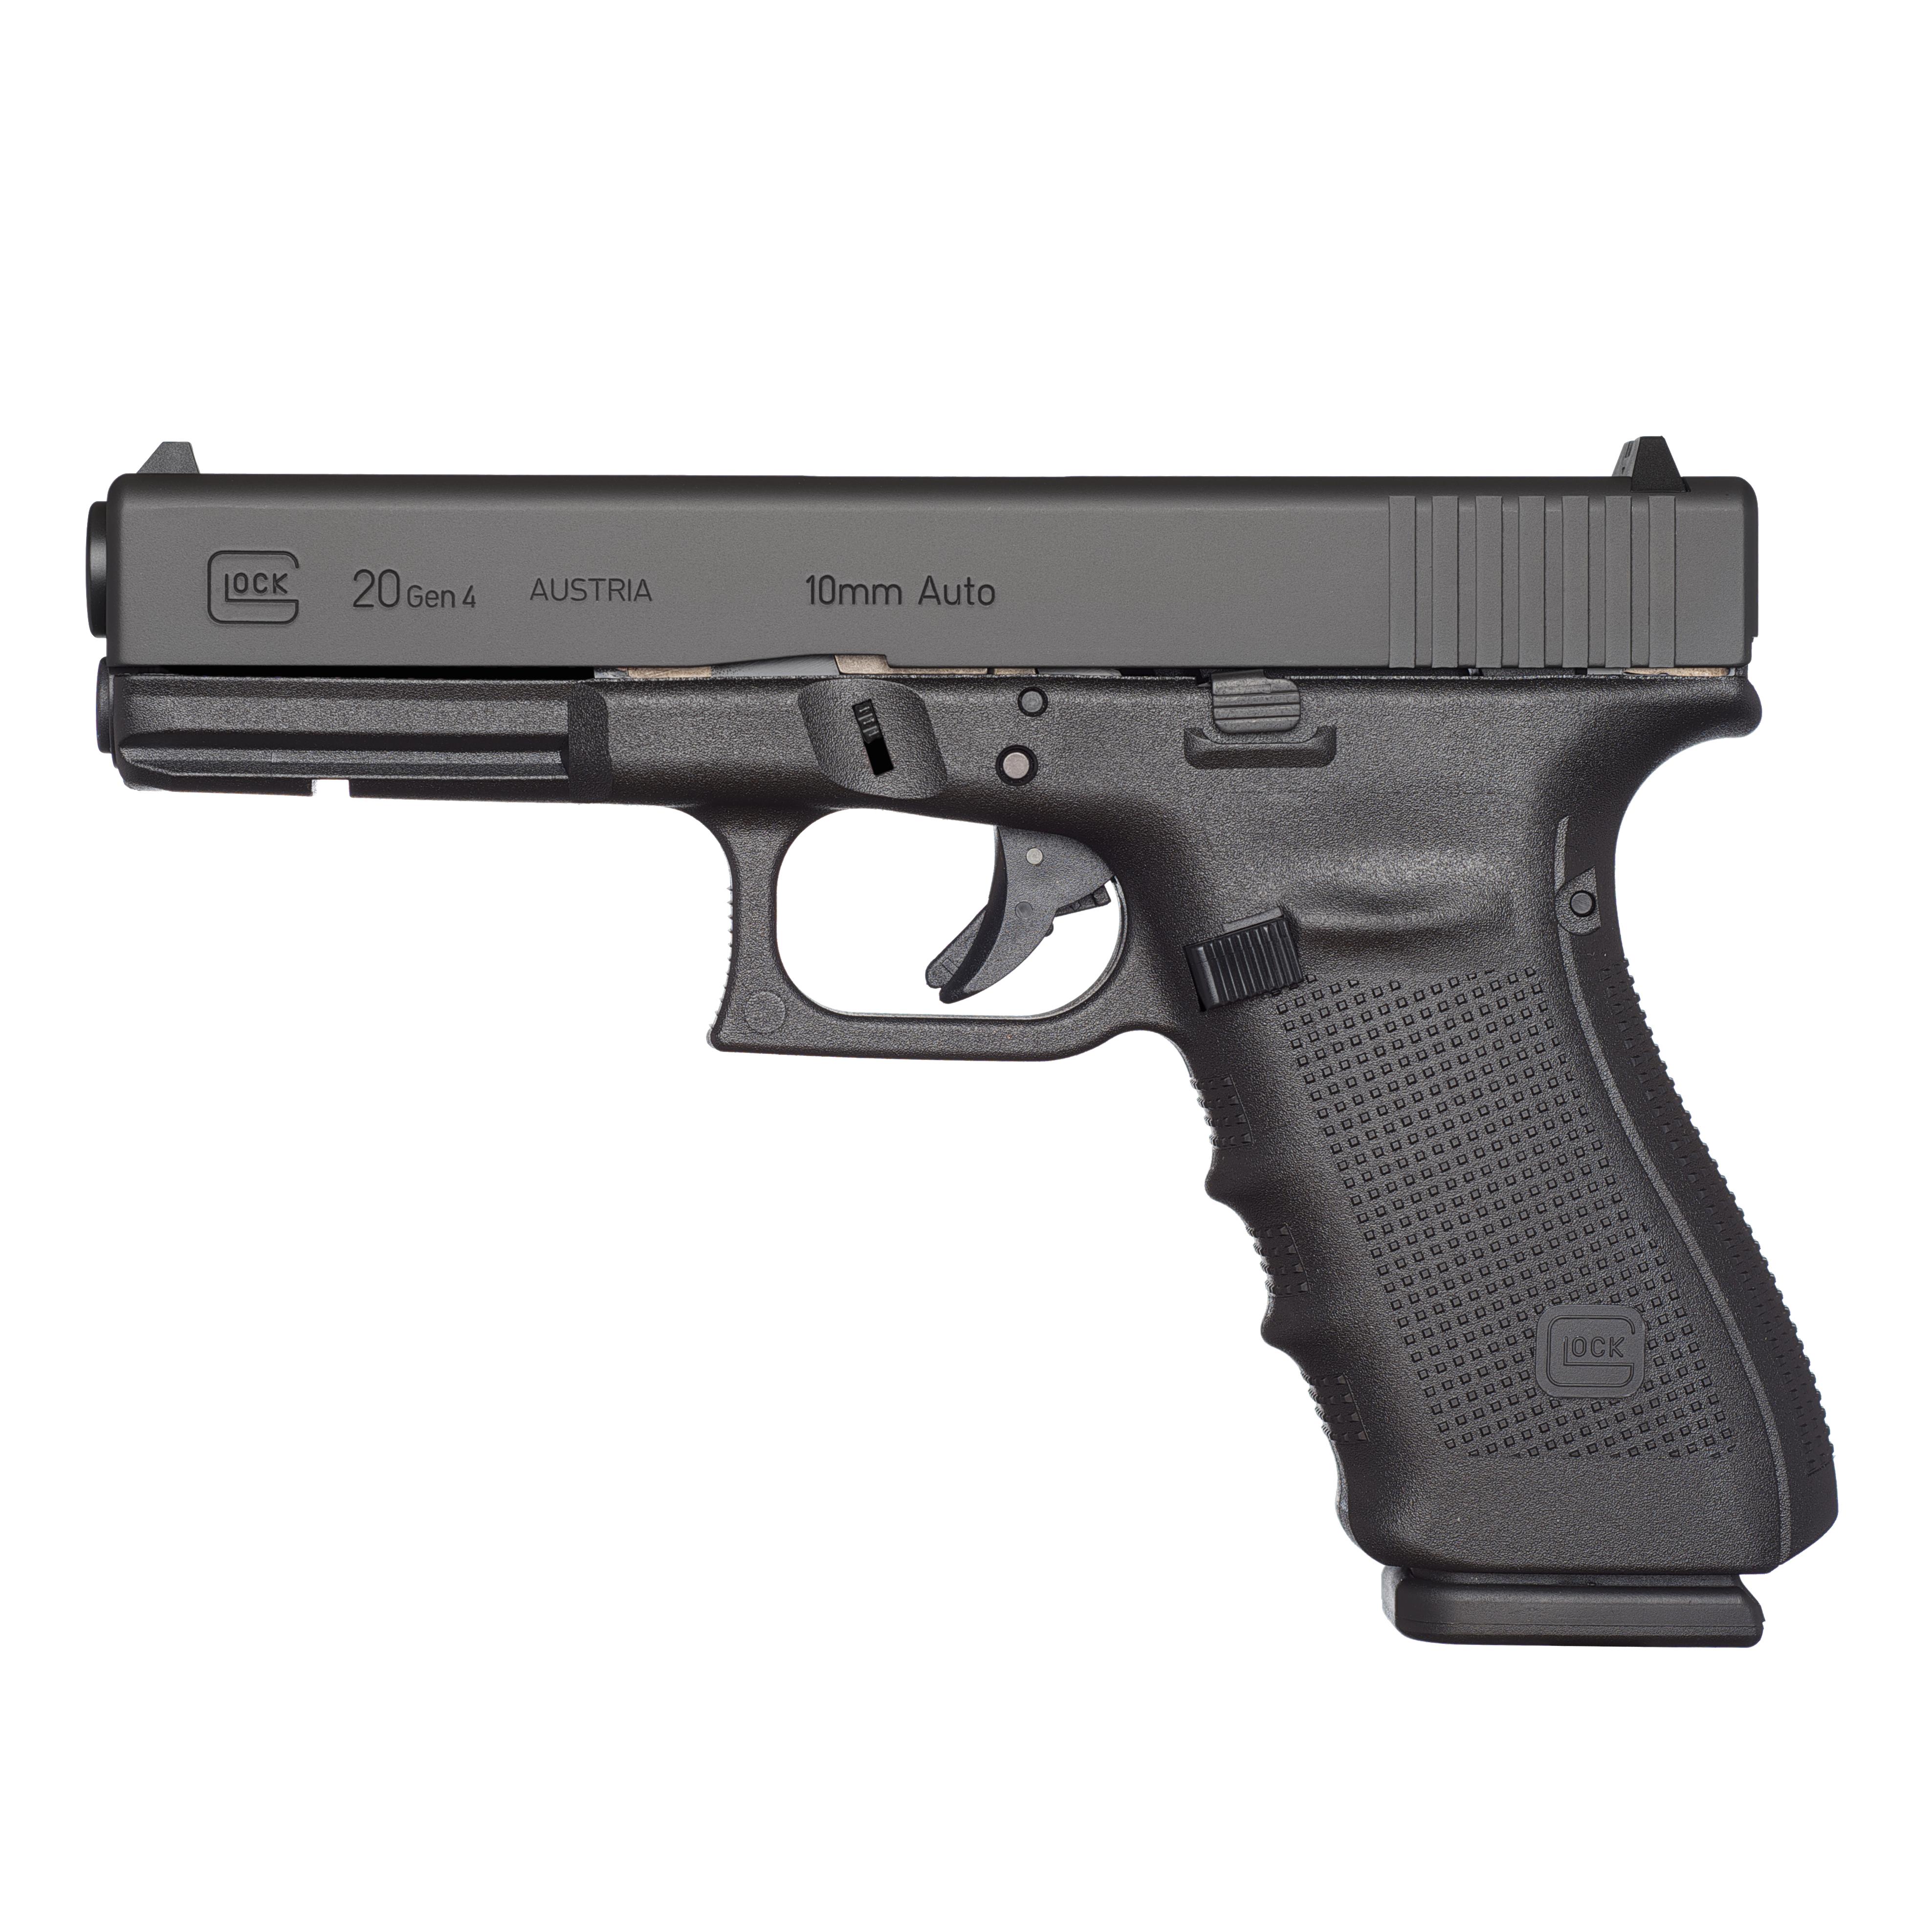 Murdoch S Glock G20 Gen4 10mm 15 Round Pistol